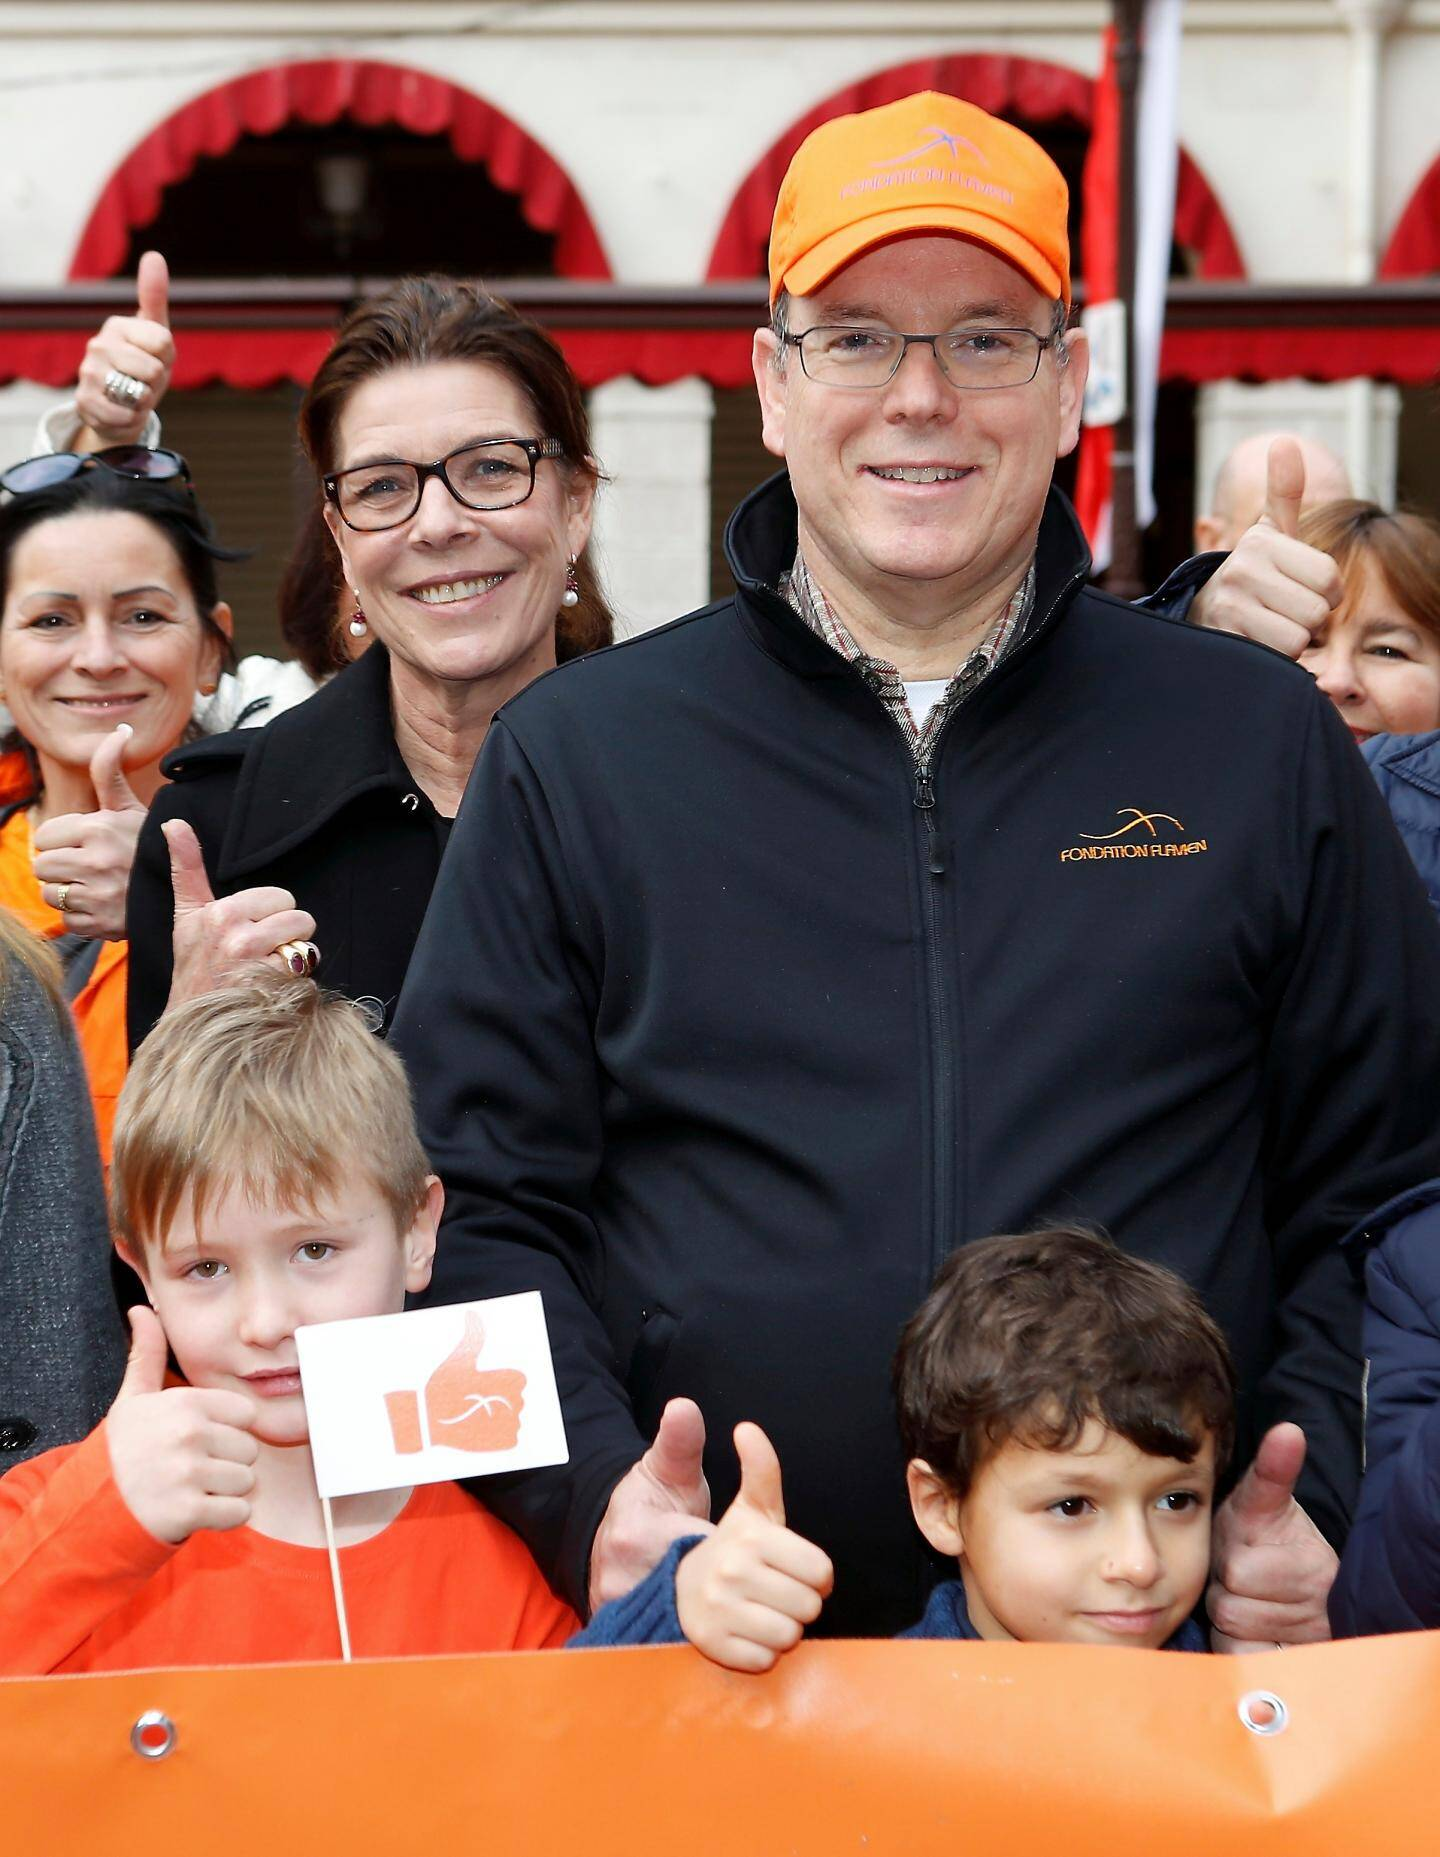 La princesse Caroline a rejoint le cortège, place d'Armes, pour soutenir l'action de la Fondation qui lutte contre les cancers pédiatriques.